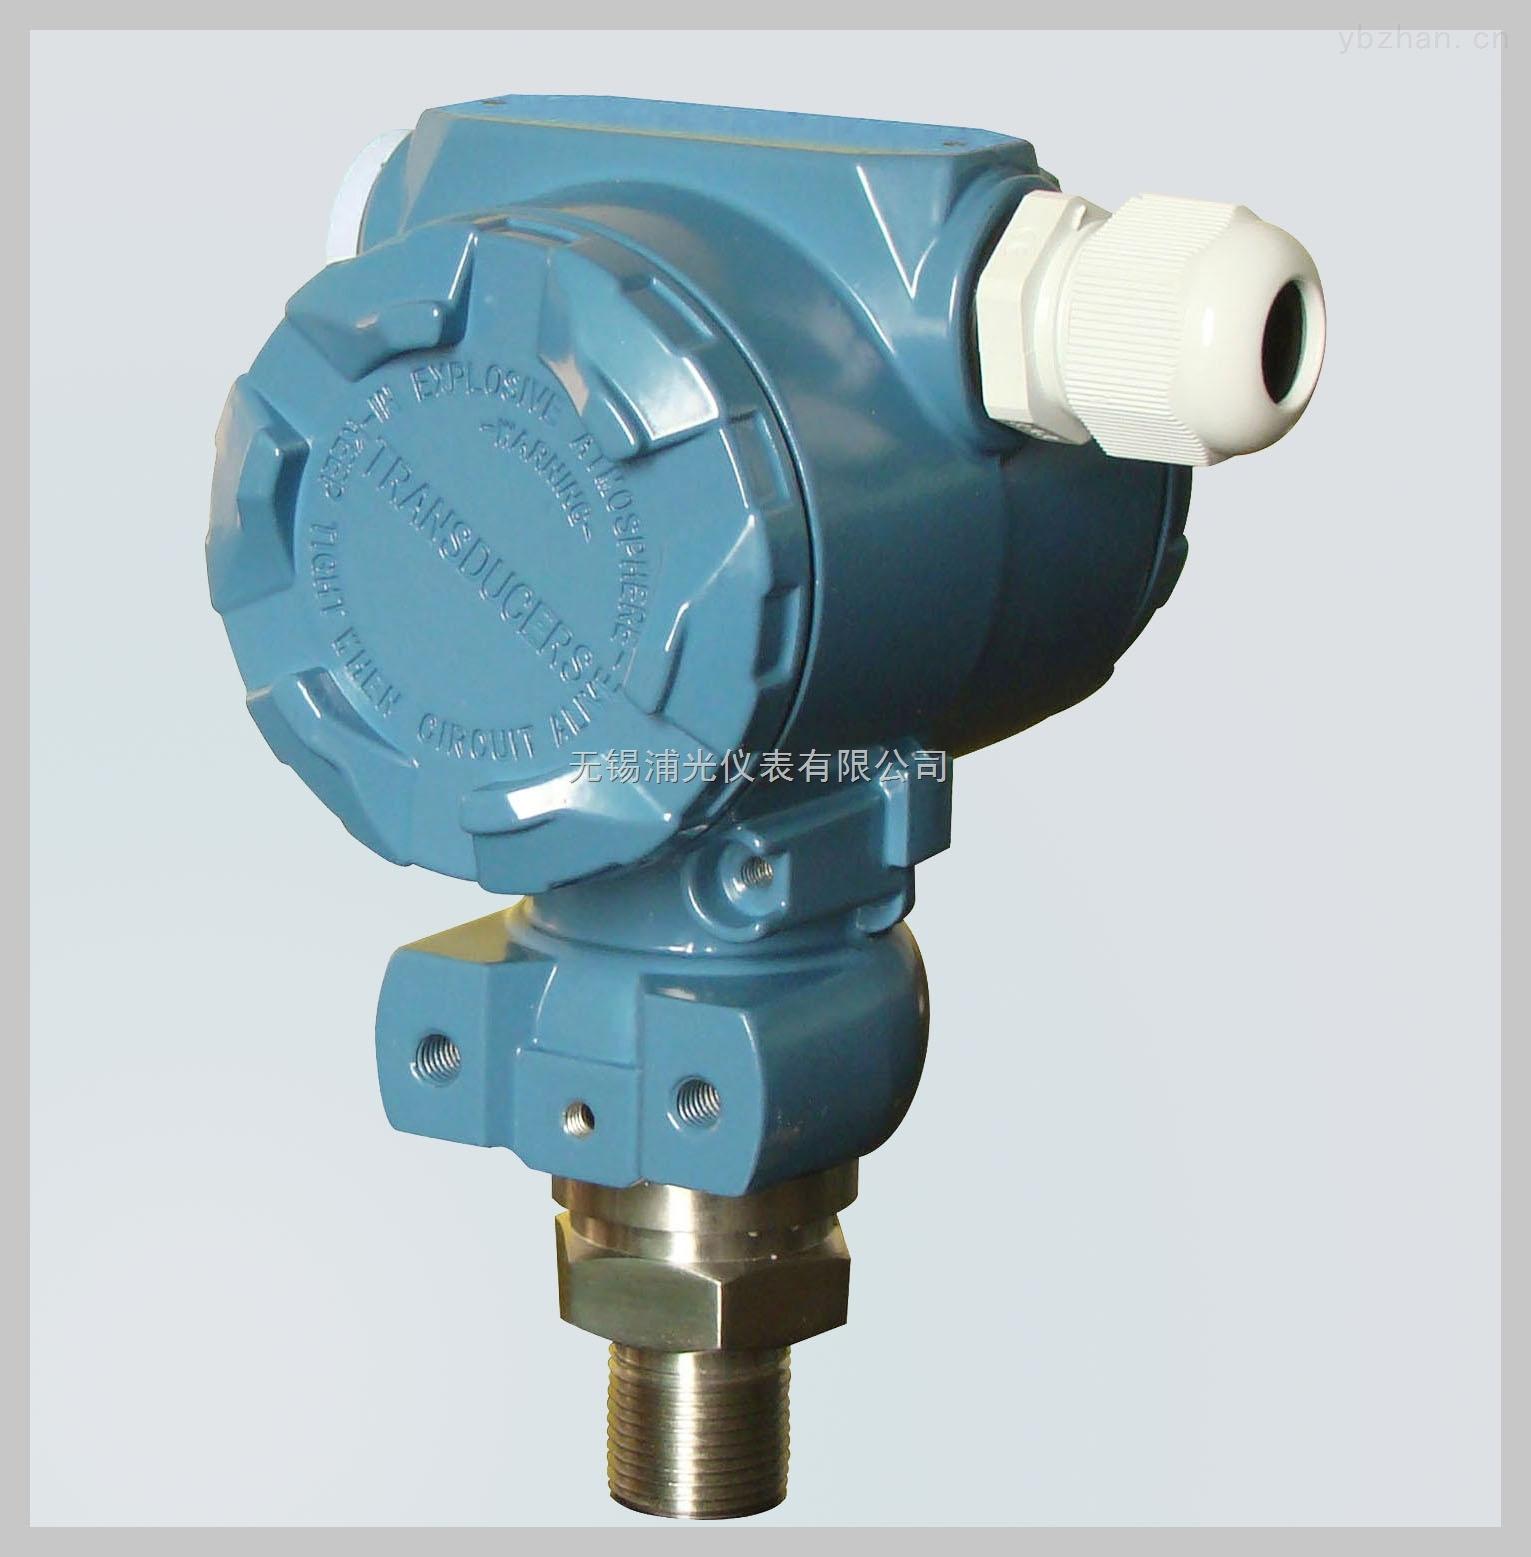 DSS-2088-无锡抗干扰压力变送器